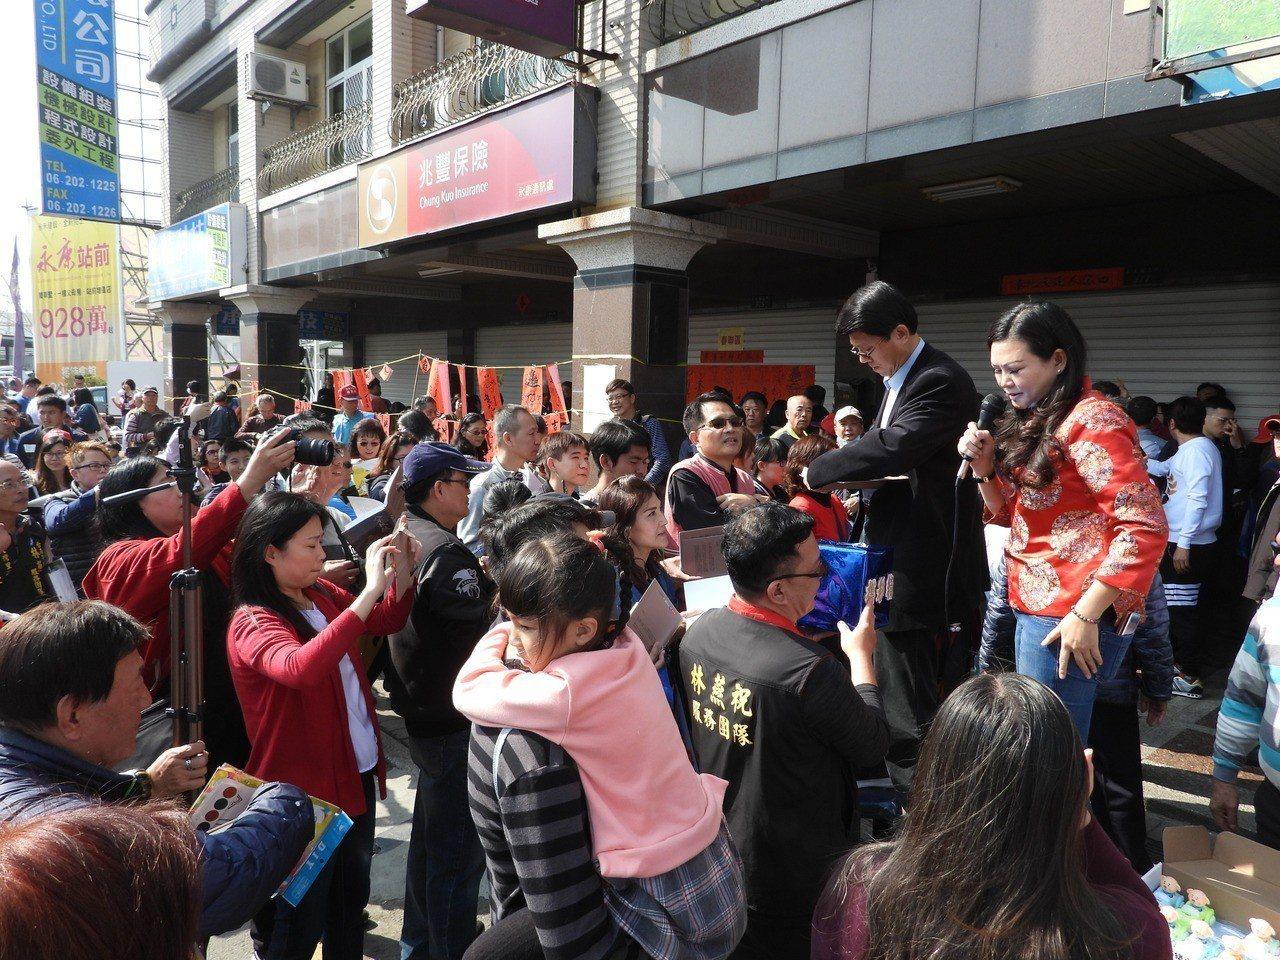 馬英九台南首辦簽書會,大批馬迷要求謝龍介也簽書,他只好站在馬路旁椅上簽名,市議員...